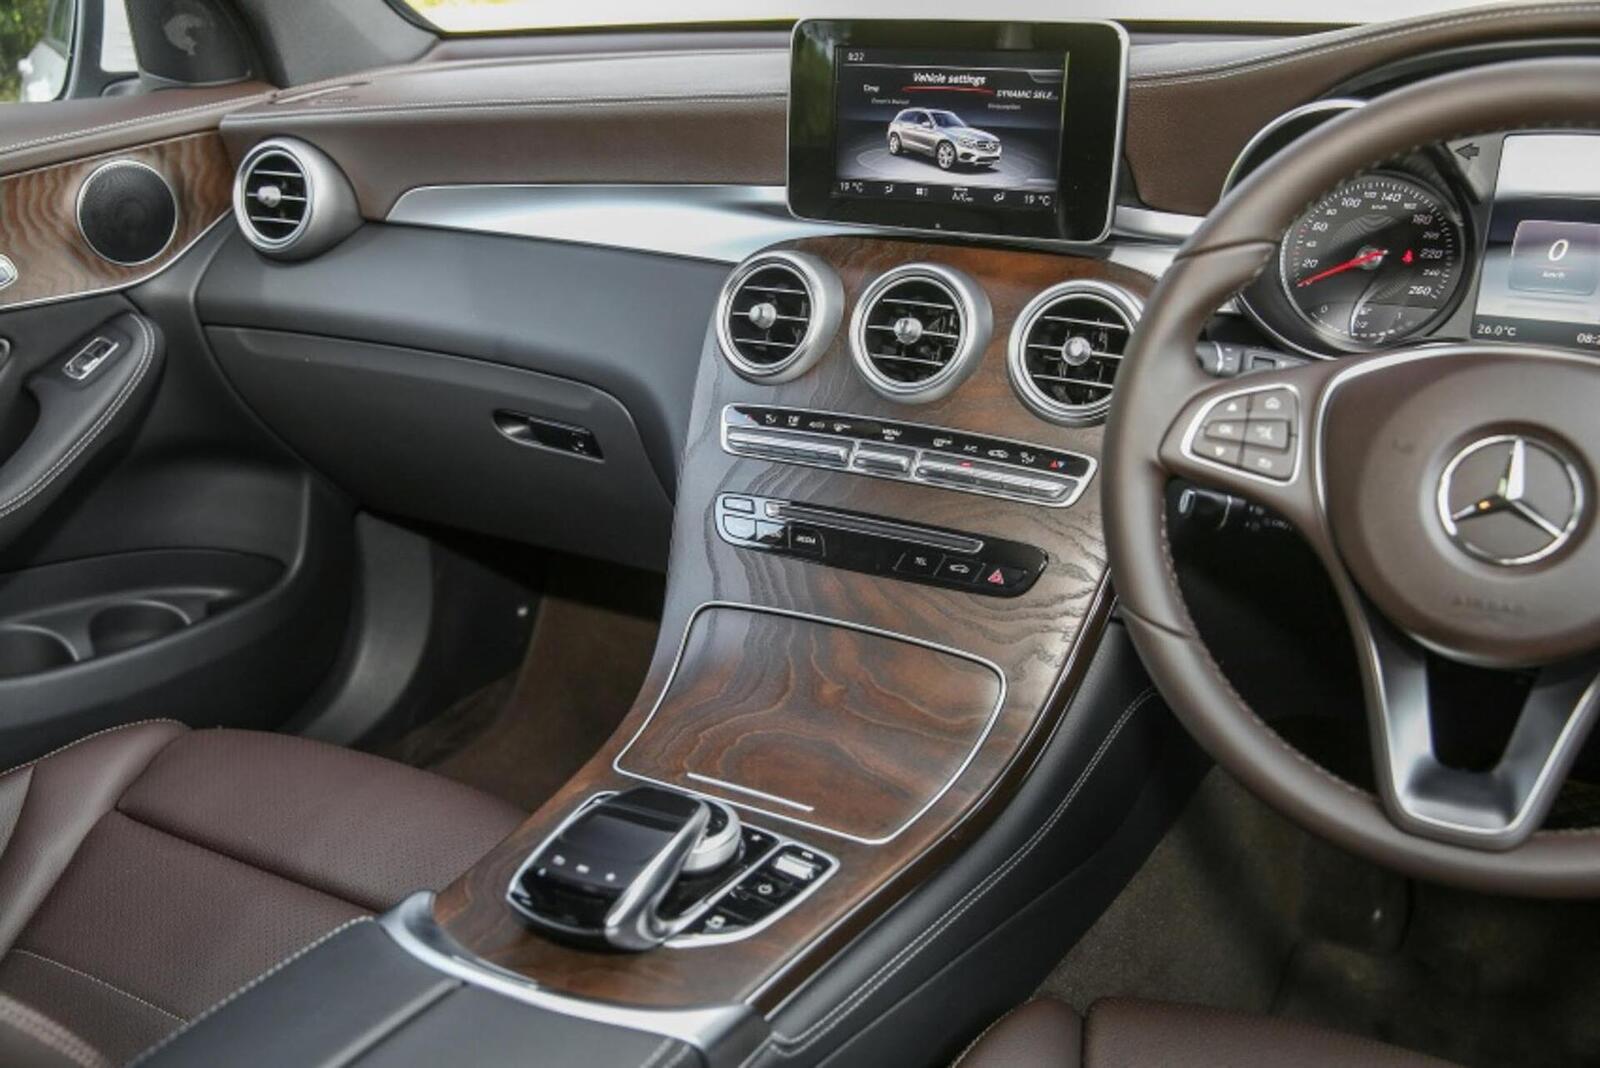 Mercedes-Benz GLC 200 có thể sẽ về Việt Nam với giá rẻ hơn - Hình 12